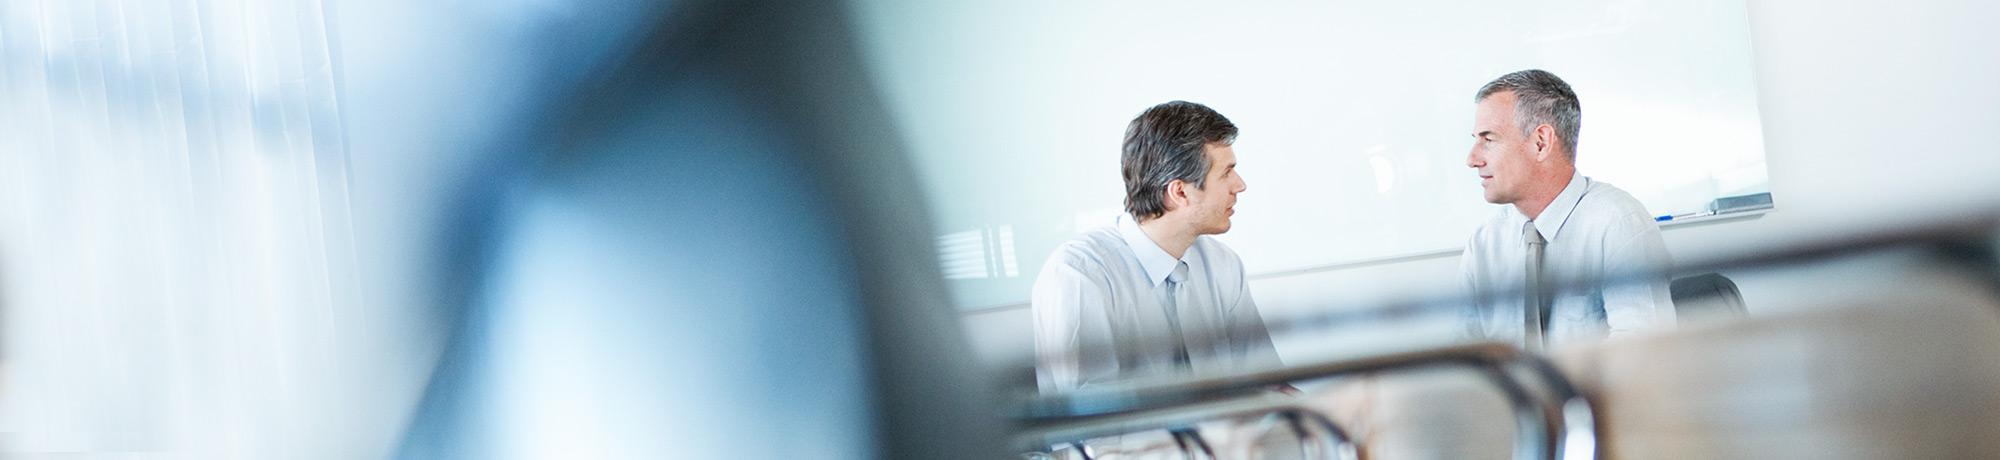 otris compliance - Compliance Software mit Richtlinienmanagement und Dokumentenlenkung